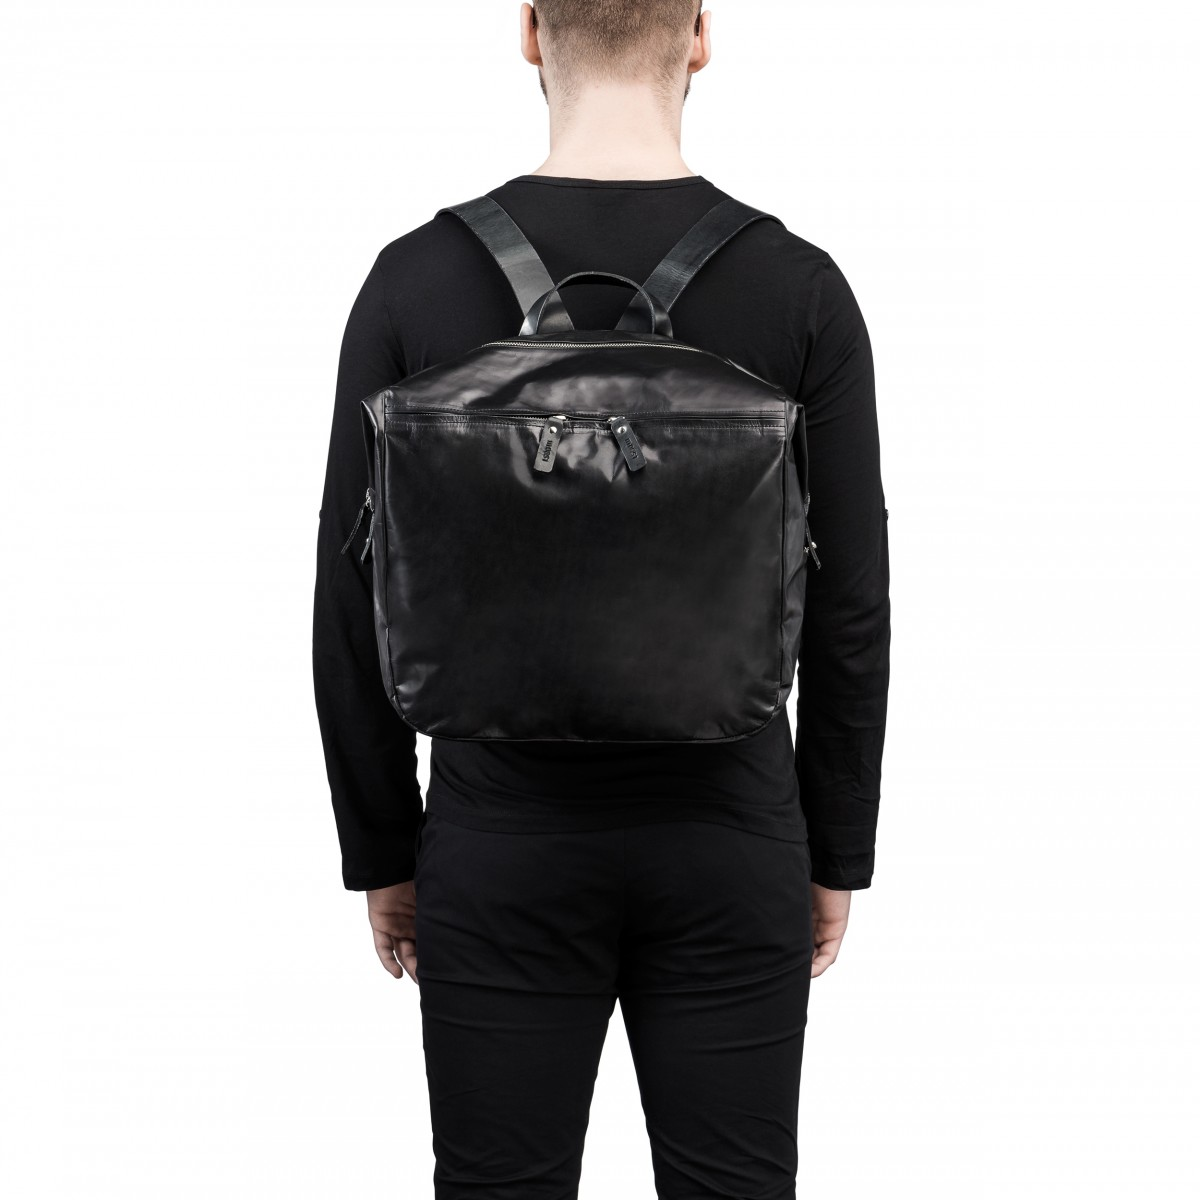 noir, sac à dos en cuir, porté